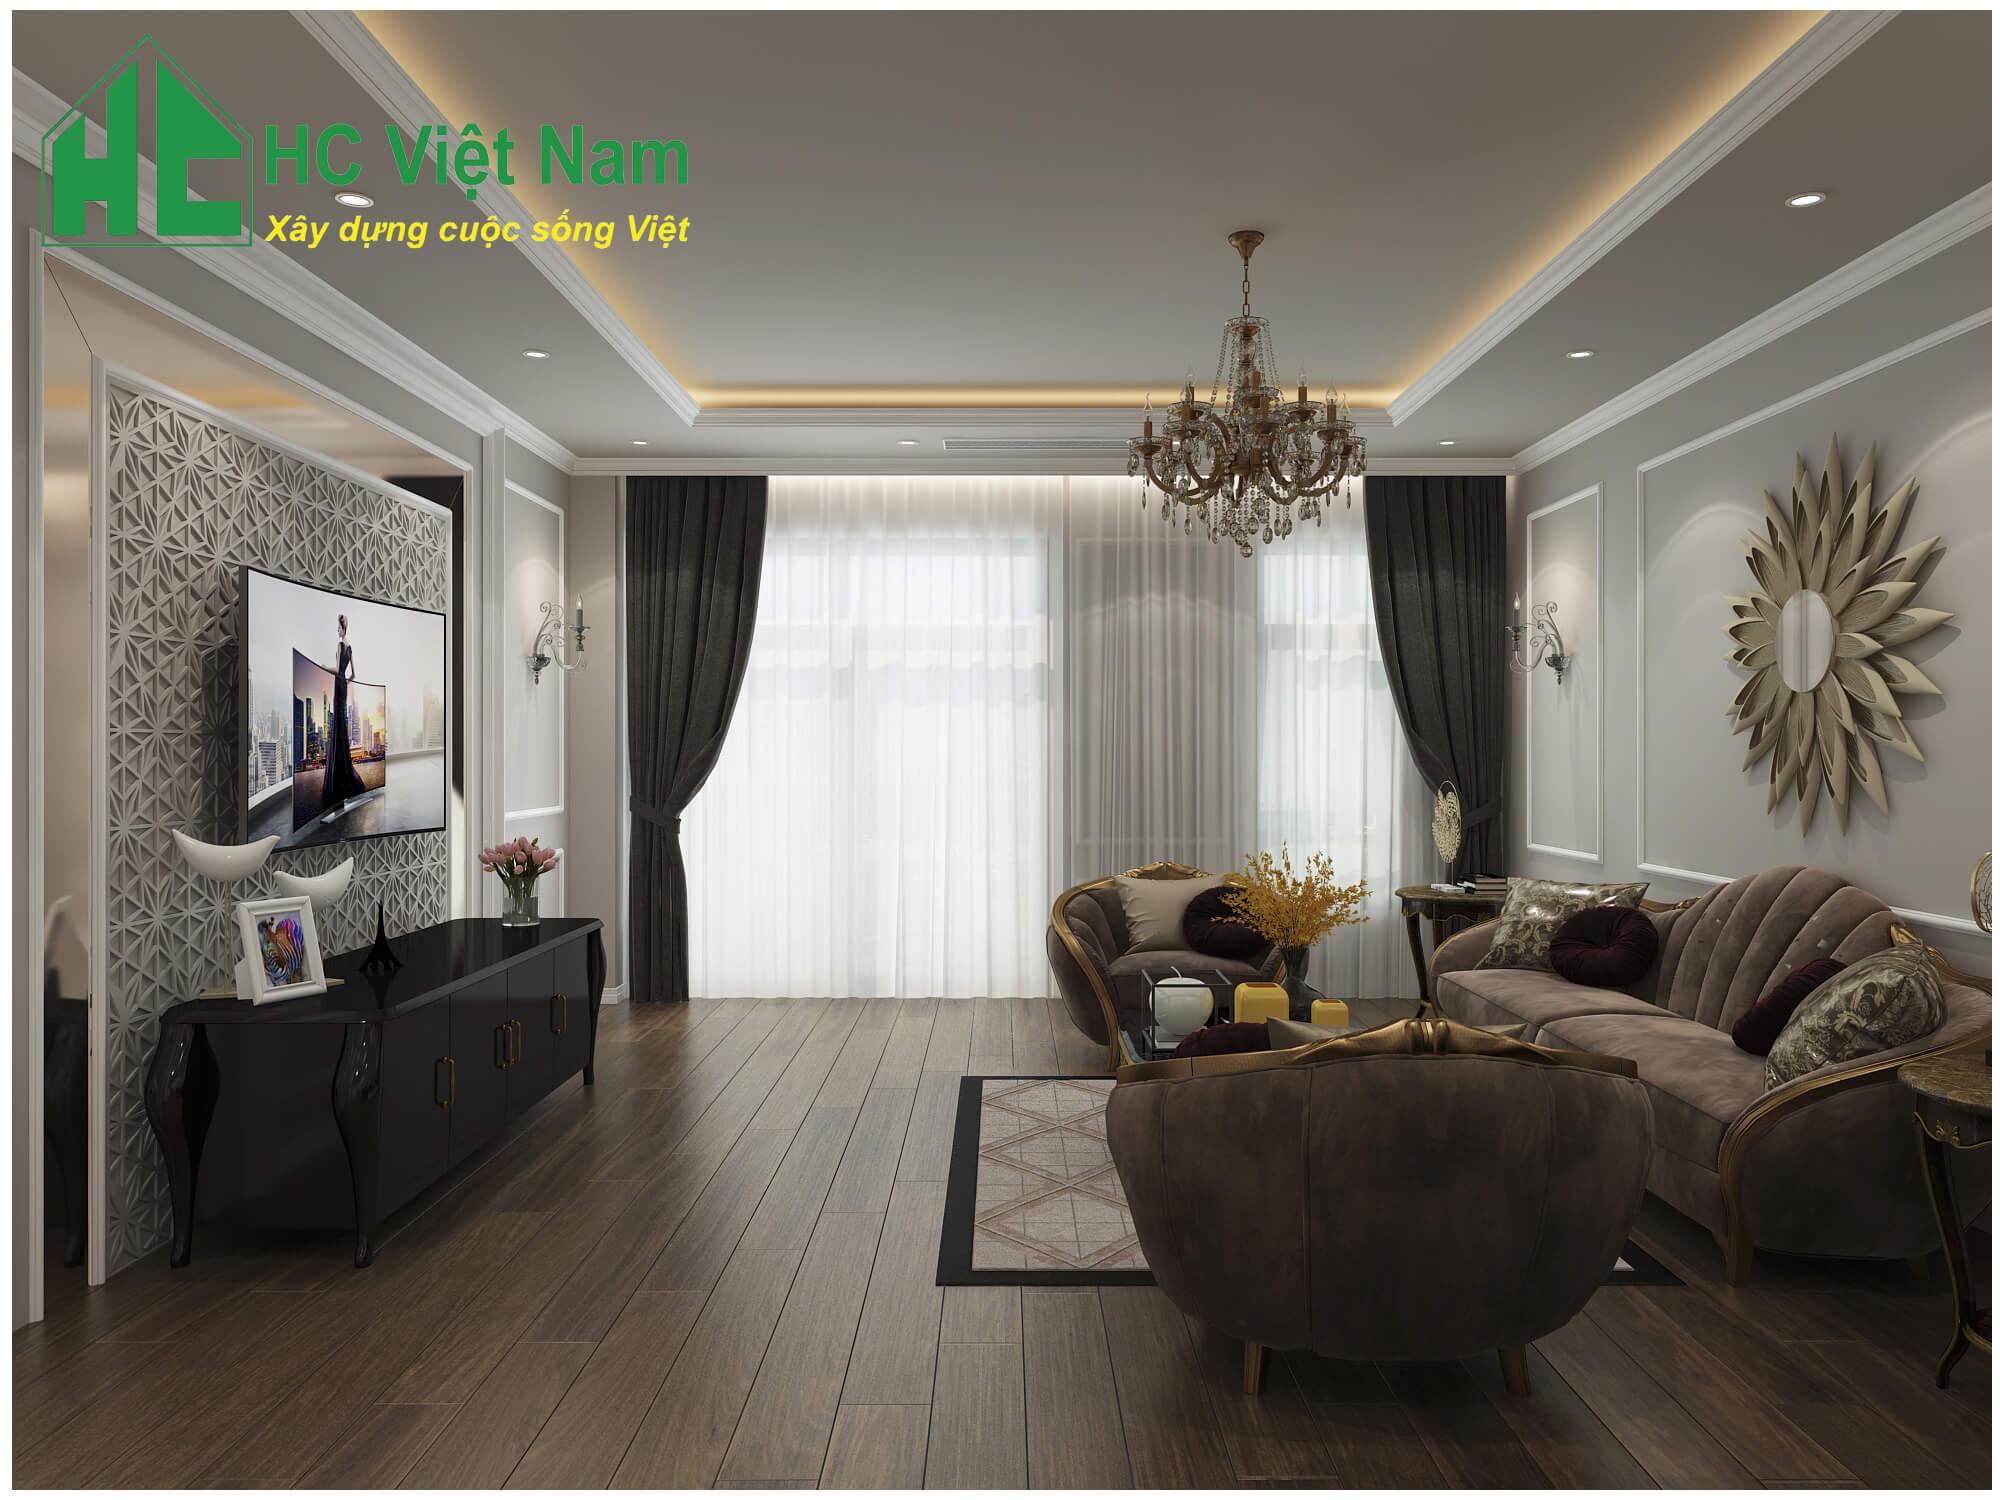 Phong cách thiết kế nội thất tân cổ điển 3